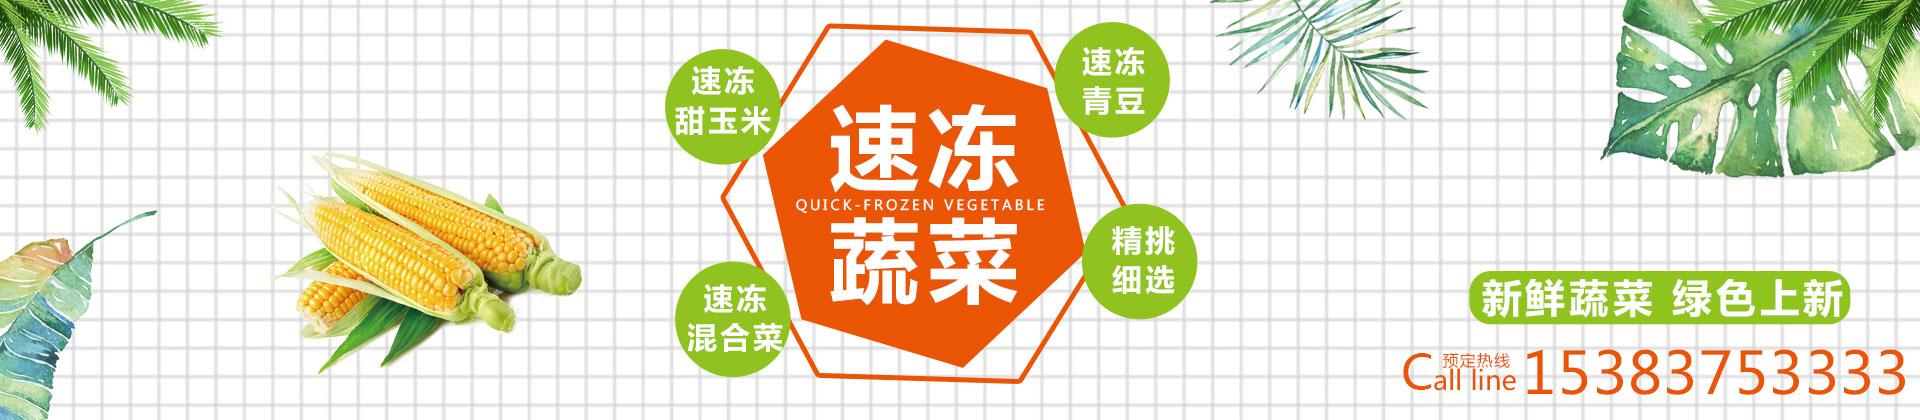 速凍甜玉米,速凍青豆仁,速凍混合菜